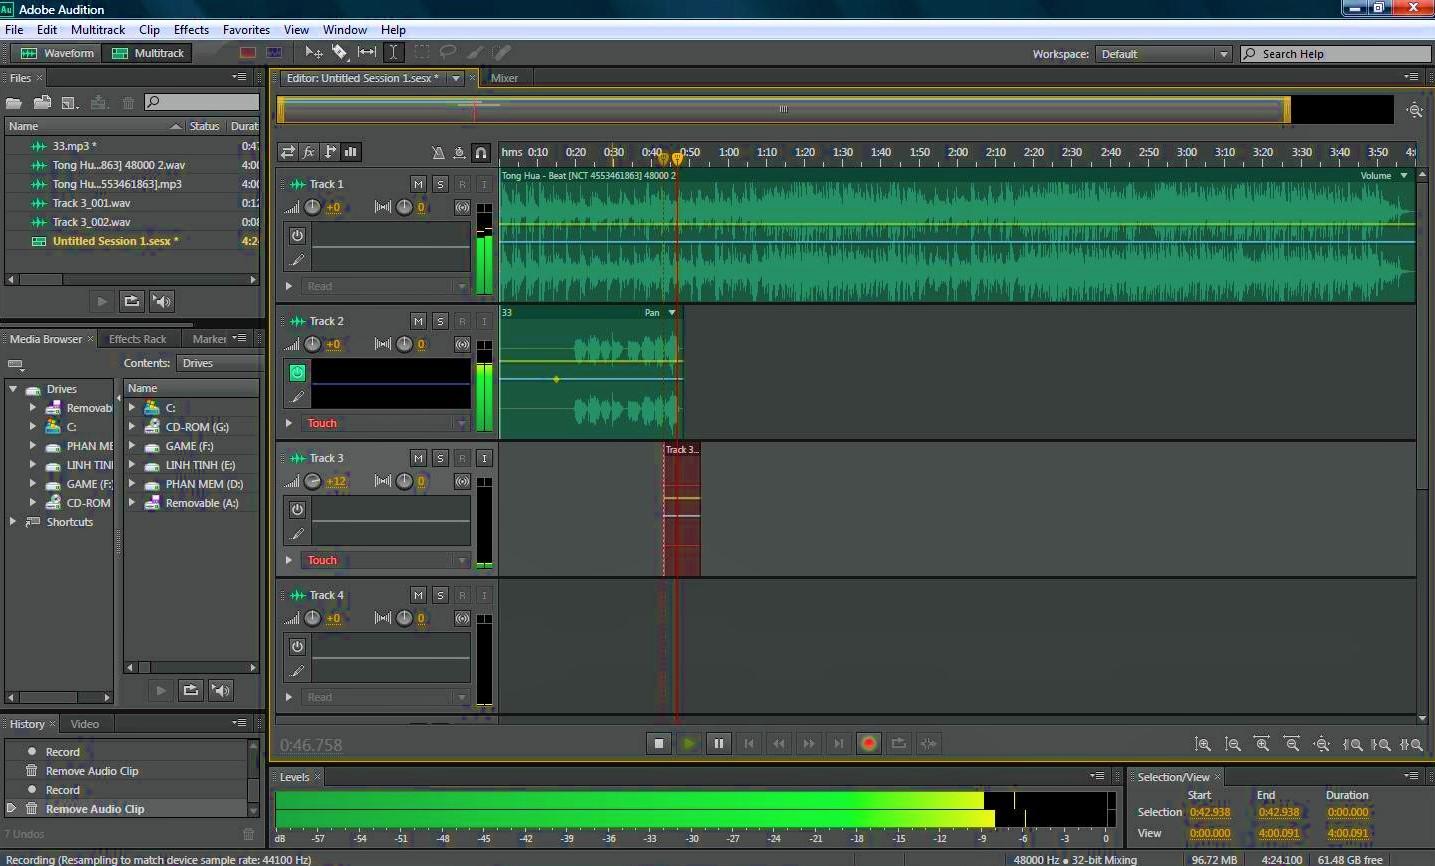 Adobe Audition CS6 Full Version